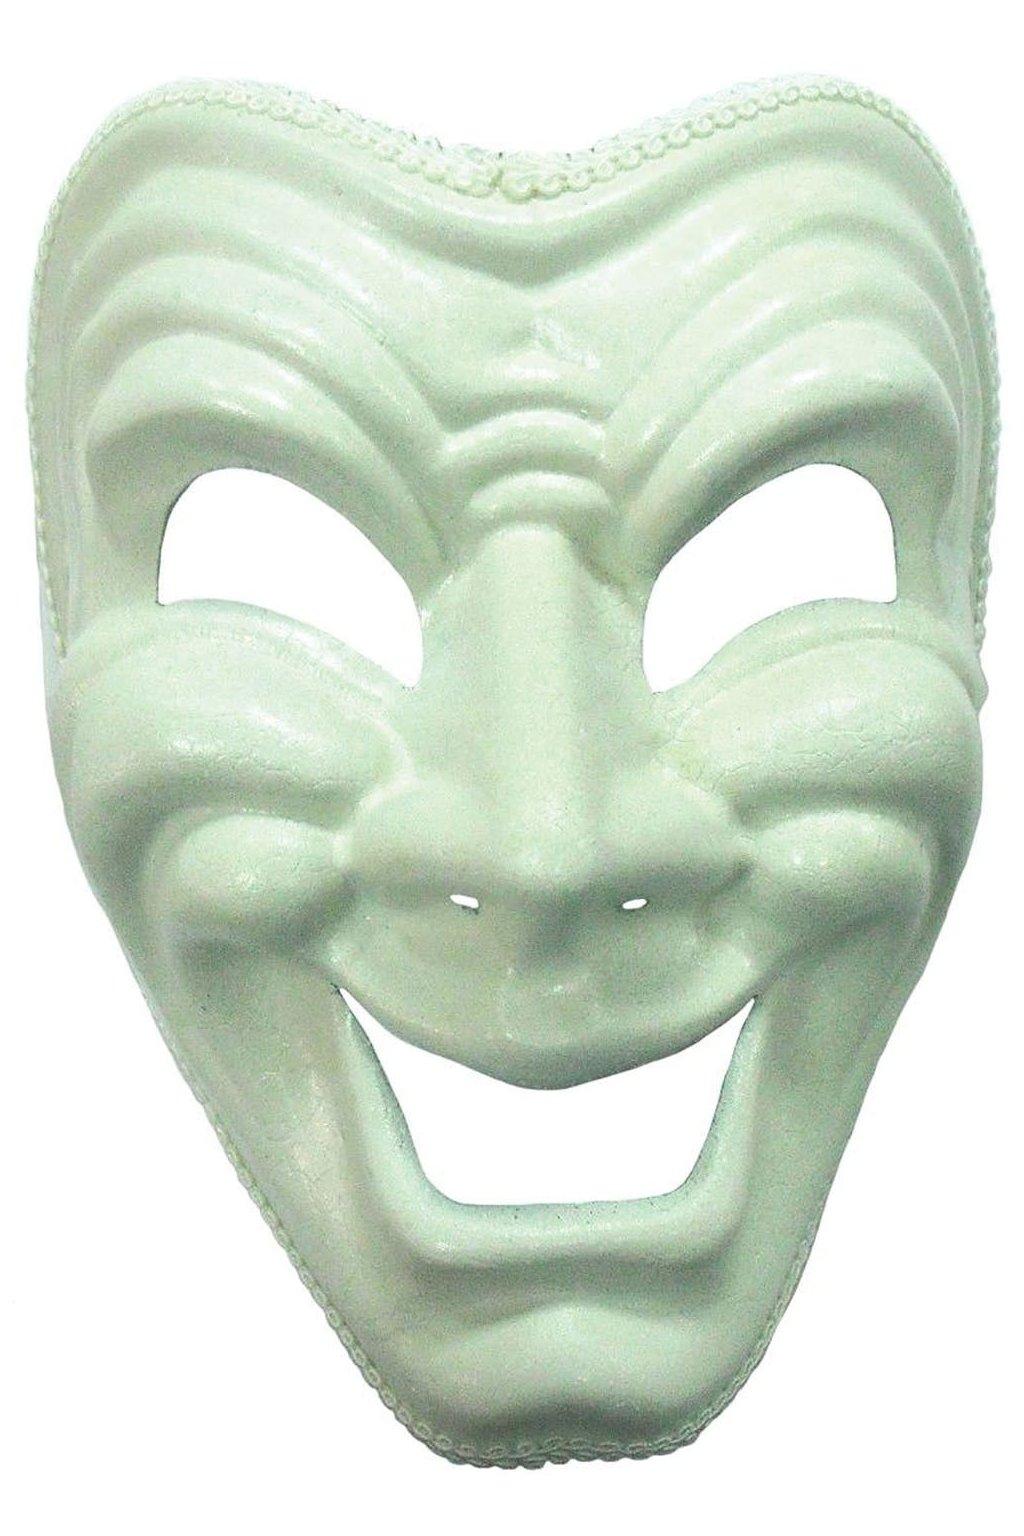 Řecká maska veselá - komedie